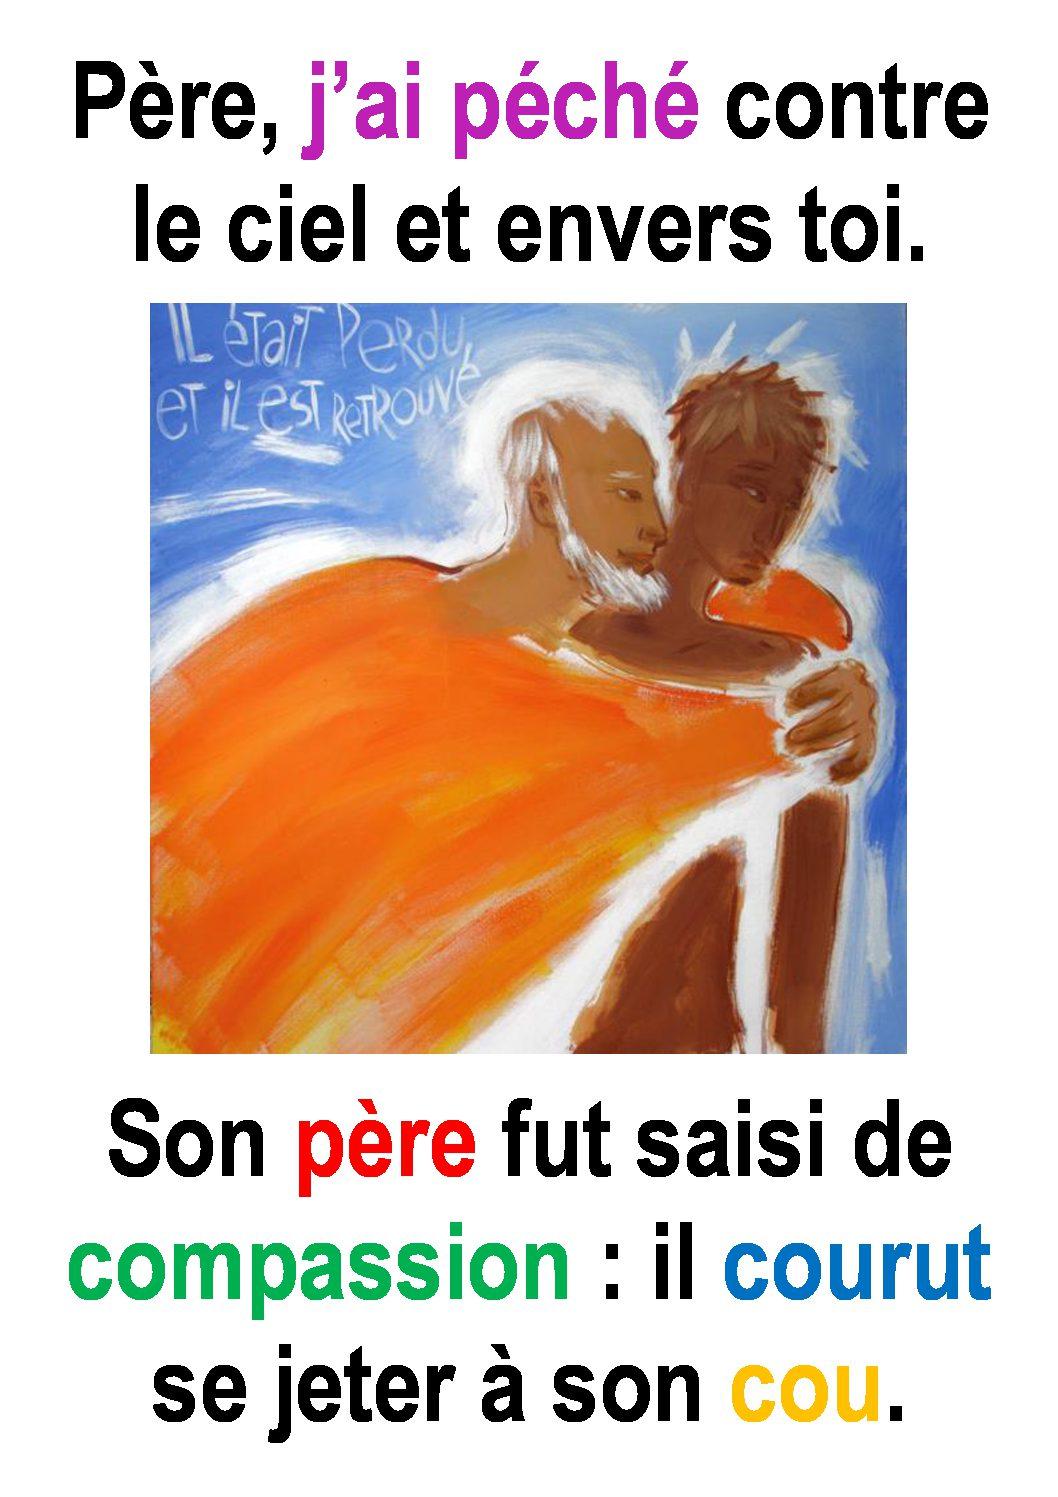 4ième  Dimanche de Carême  (Luc 15, 1-3.11-32) : ««Il rentra en lui-même.» (Francis Cousin)